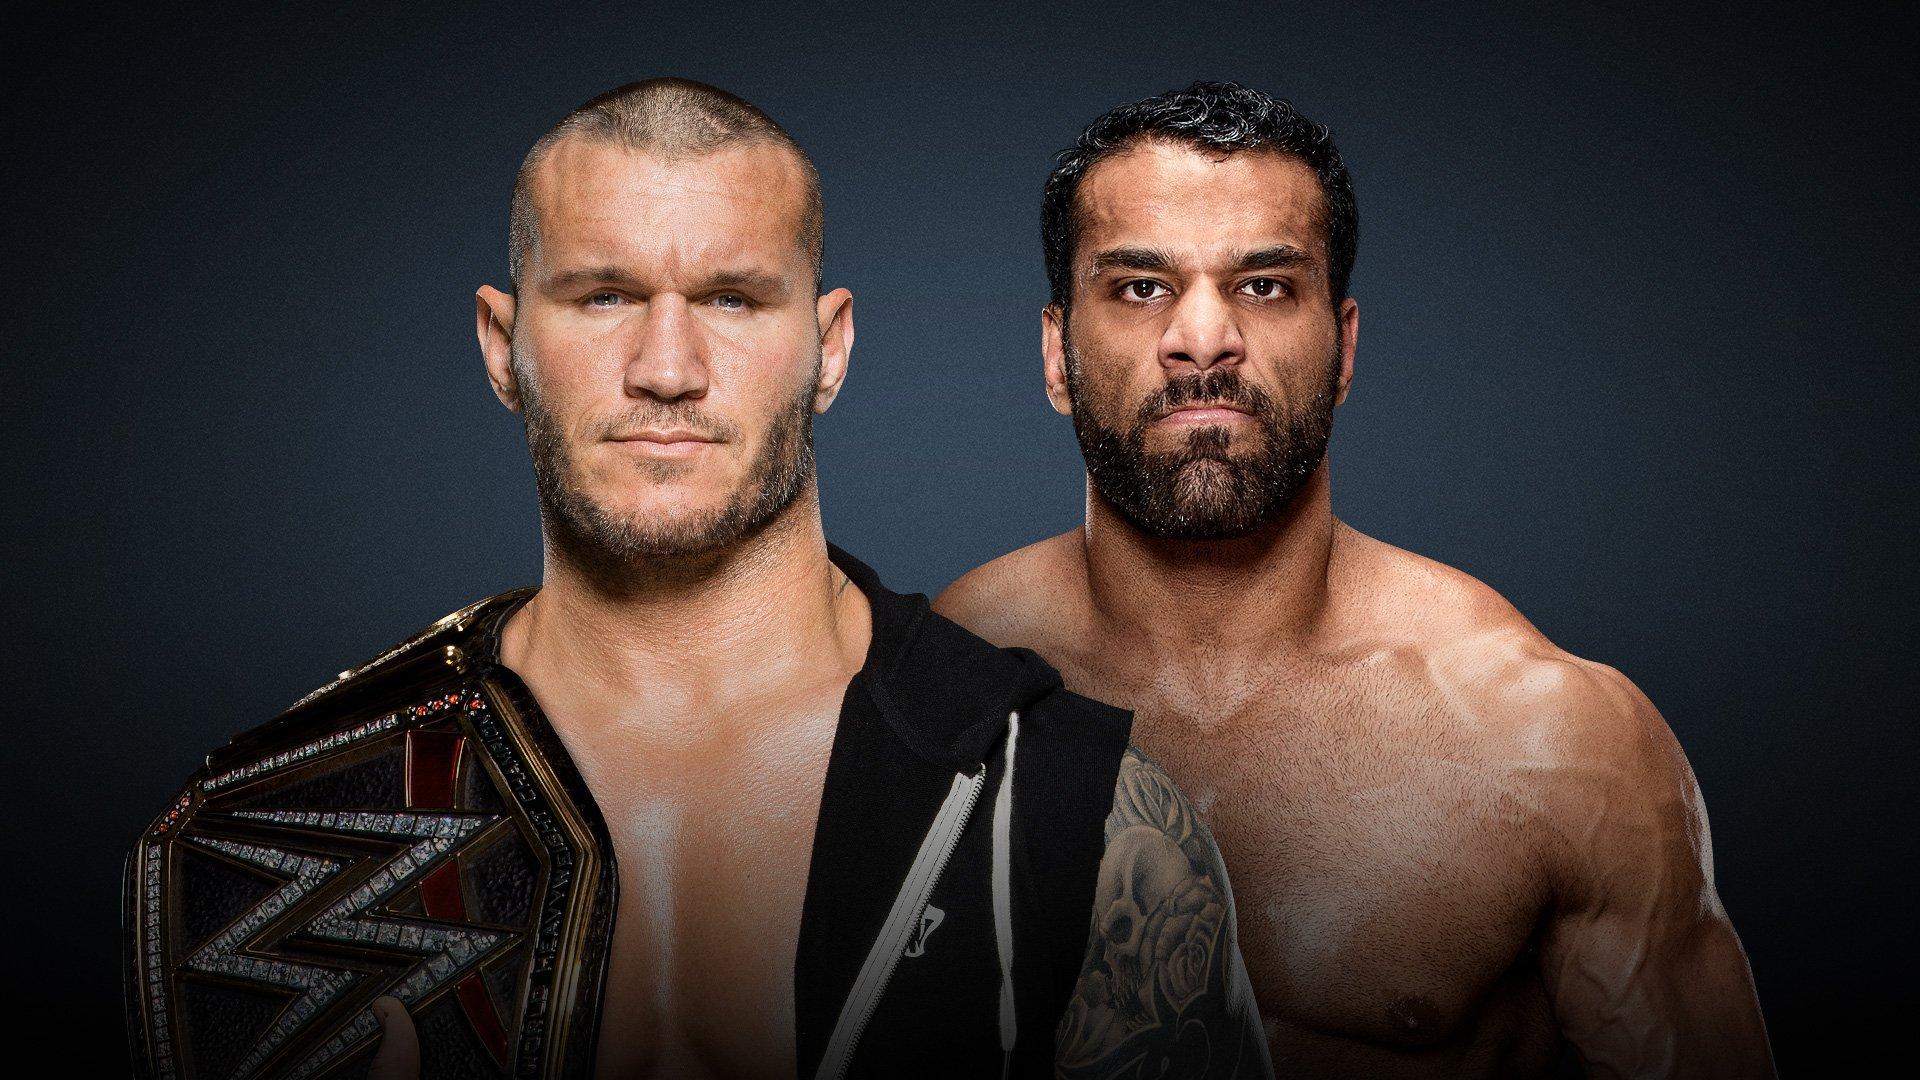 WWE Backlash 2017: Randy Orton vs. Jinder Mahal